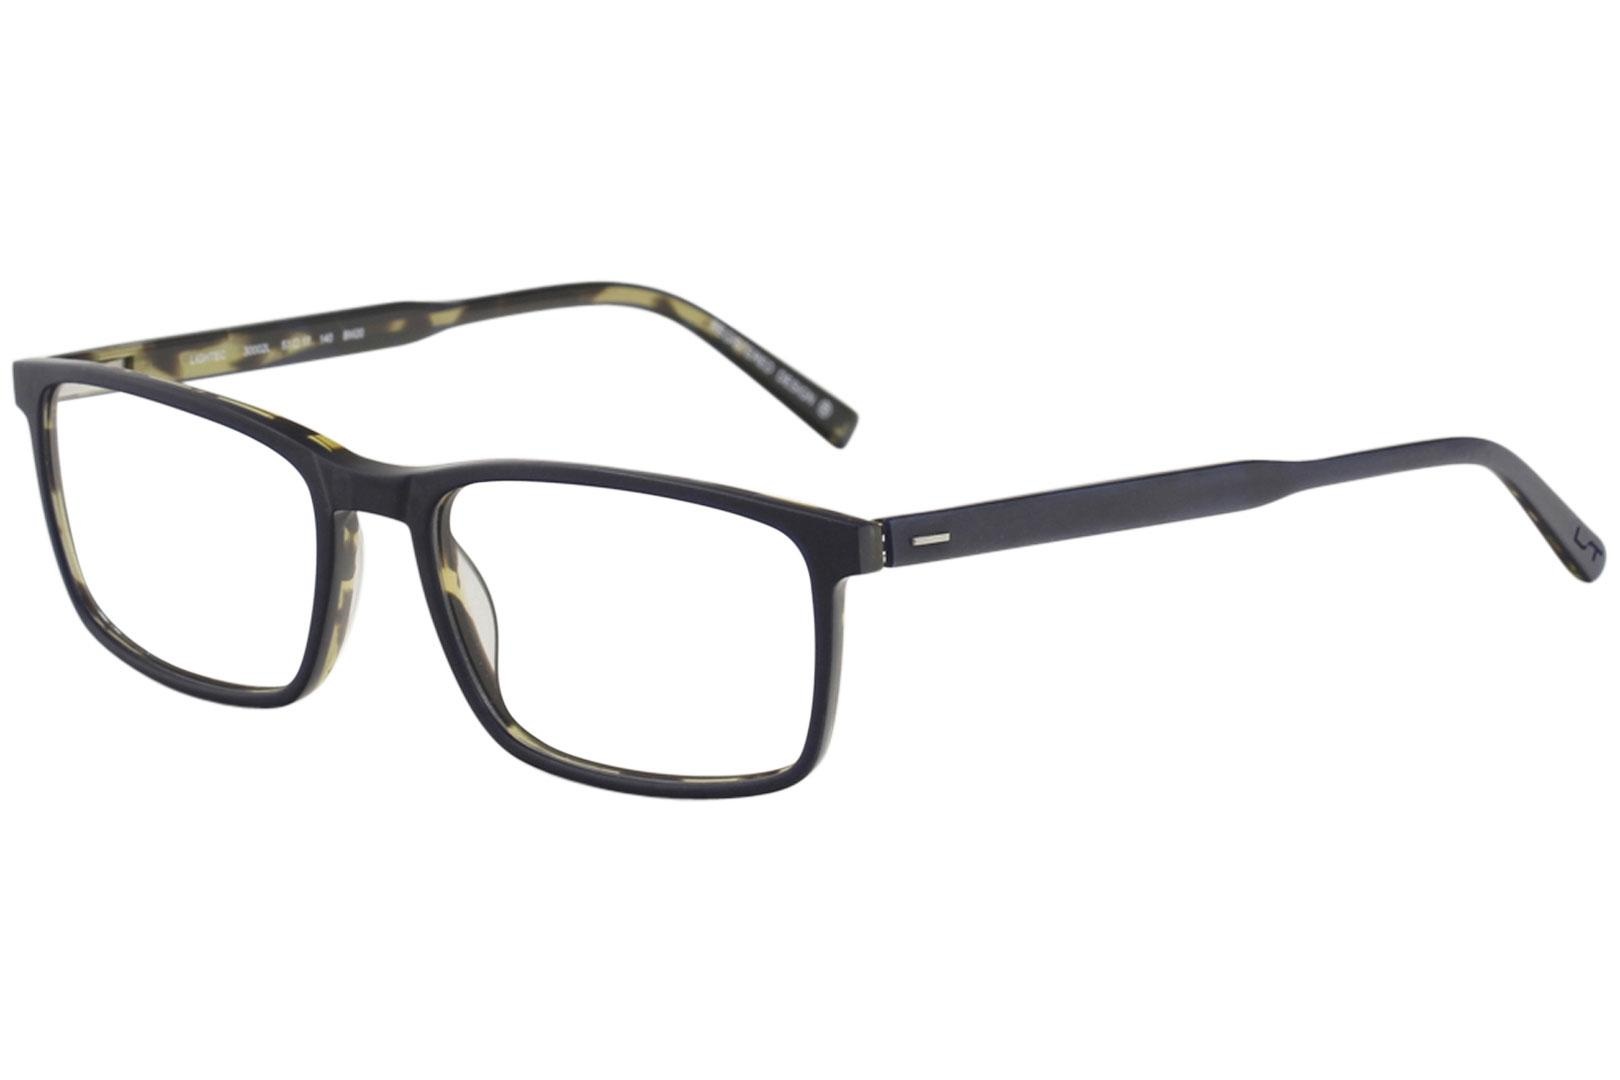 32eefa924741 Morel Men s Eyeglasses Lightec 30002L 30002 L Full Rim Optical Frame